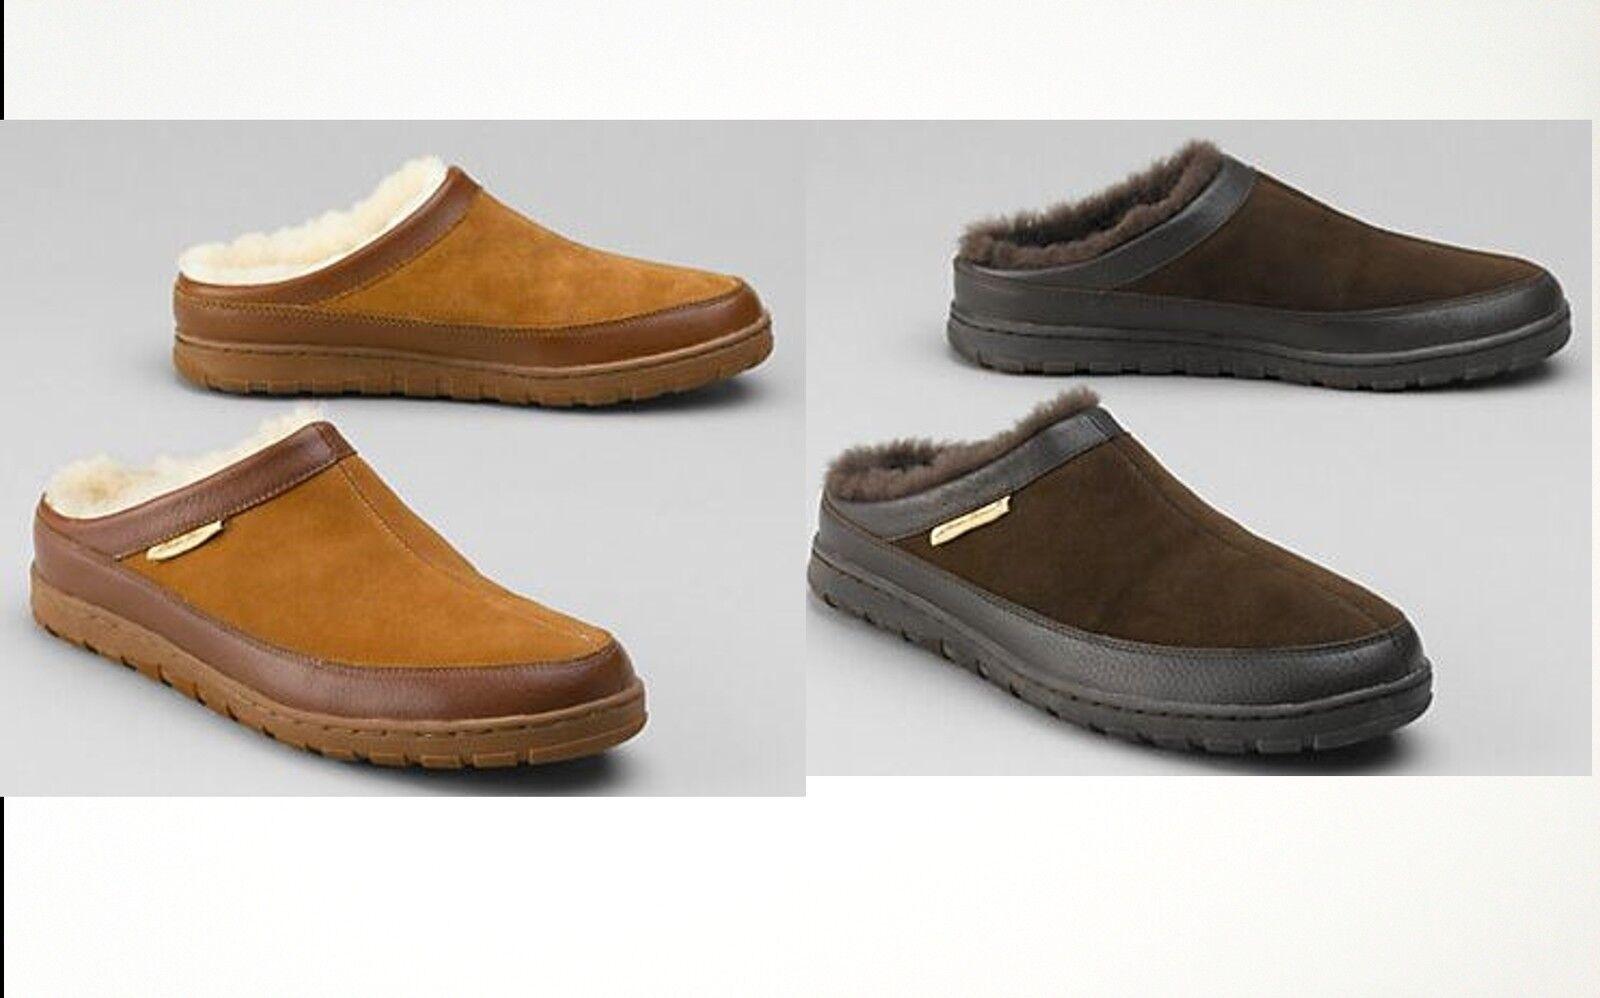 Nuevo Para Hombre Eddie Bauer de piel de oveja de piel de oveja rozaduras Zapatillas Oscuro marrón tan al por menor  99